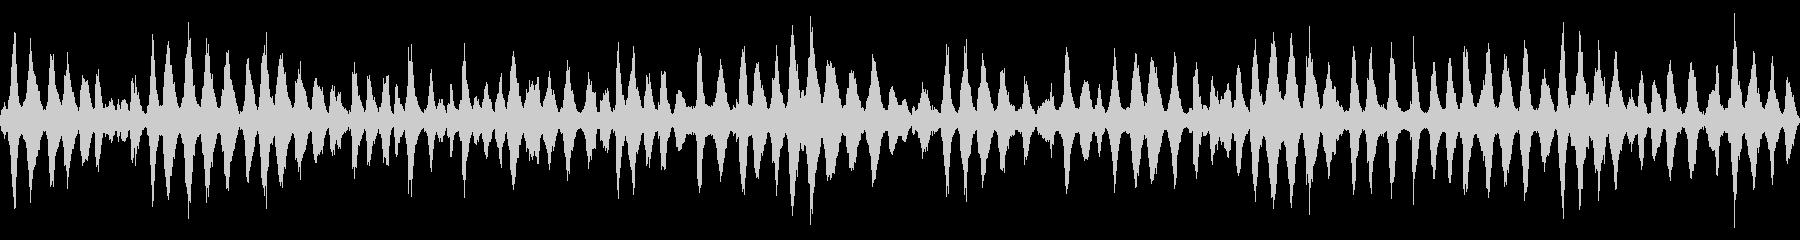 波の音 【大浜海岸、徳島、秋、夕方】の未再生の波形